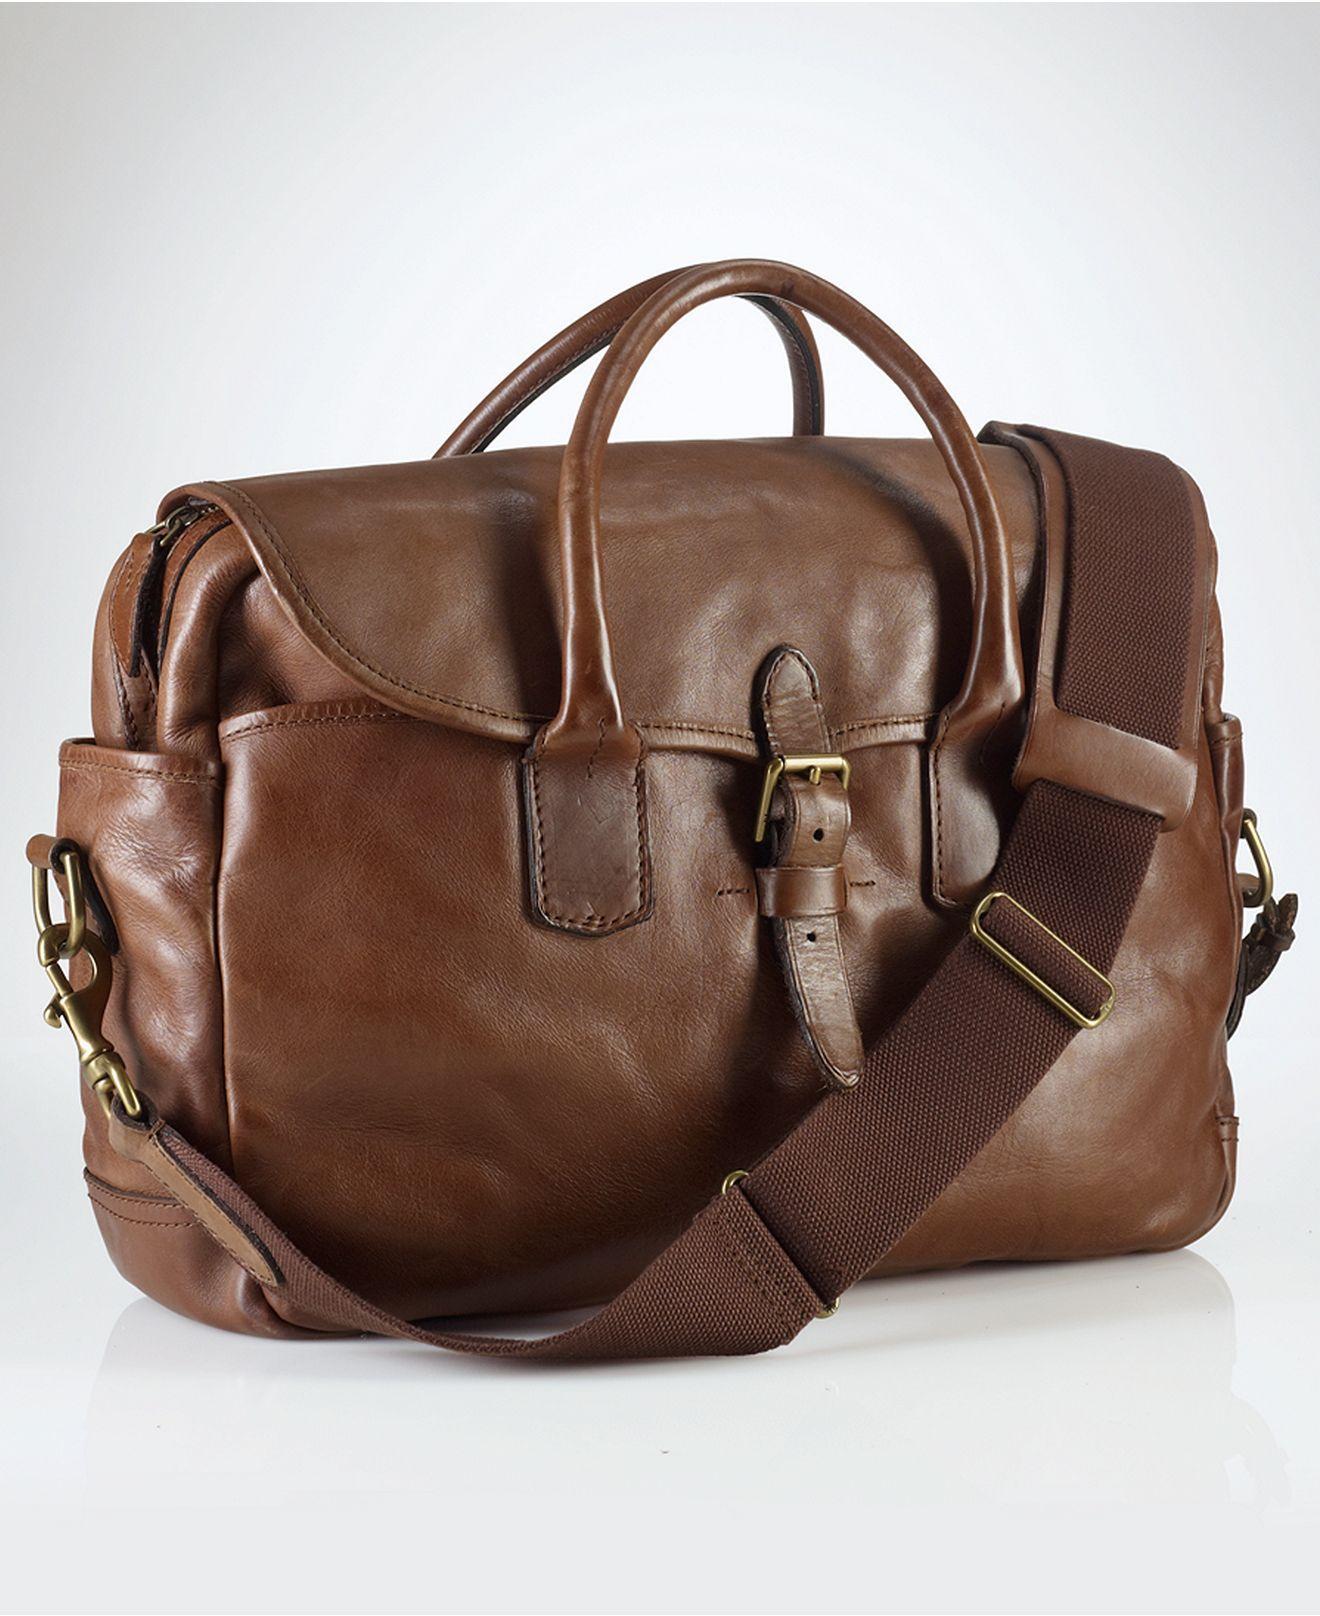 6d888b20bb Polo Ralph Lauren Bag